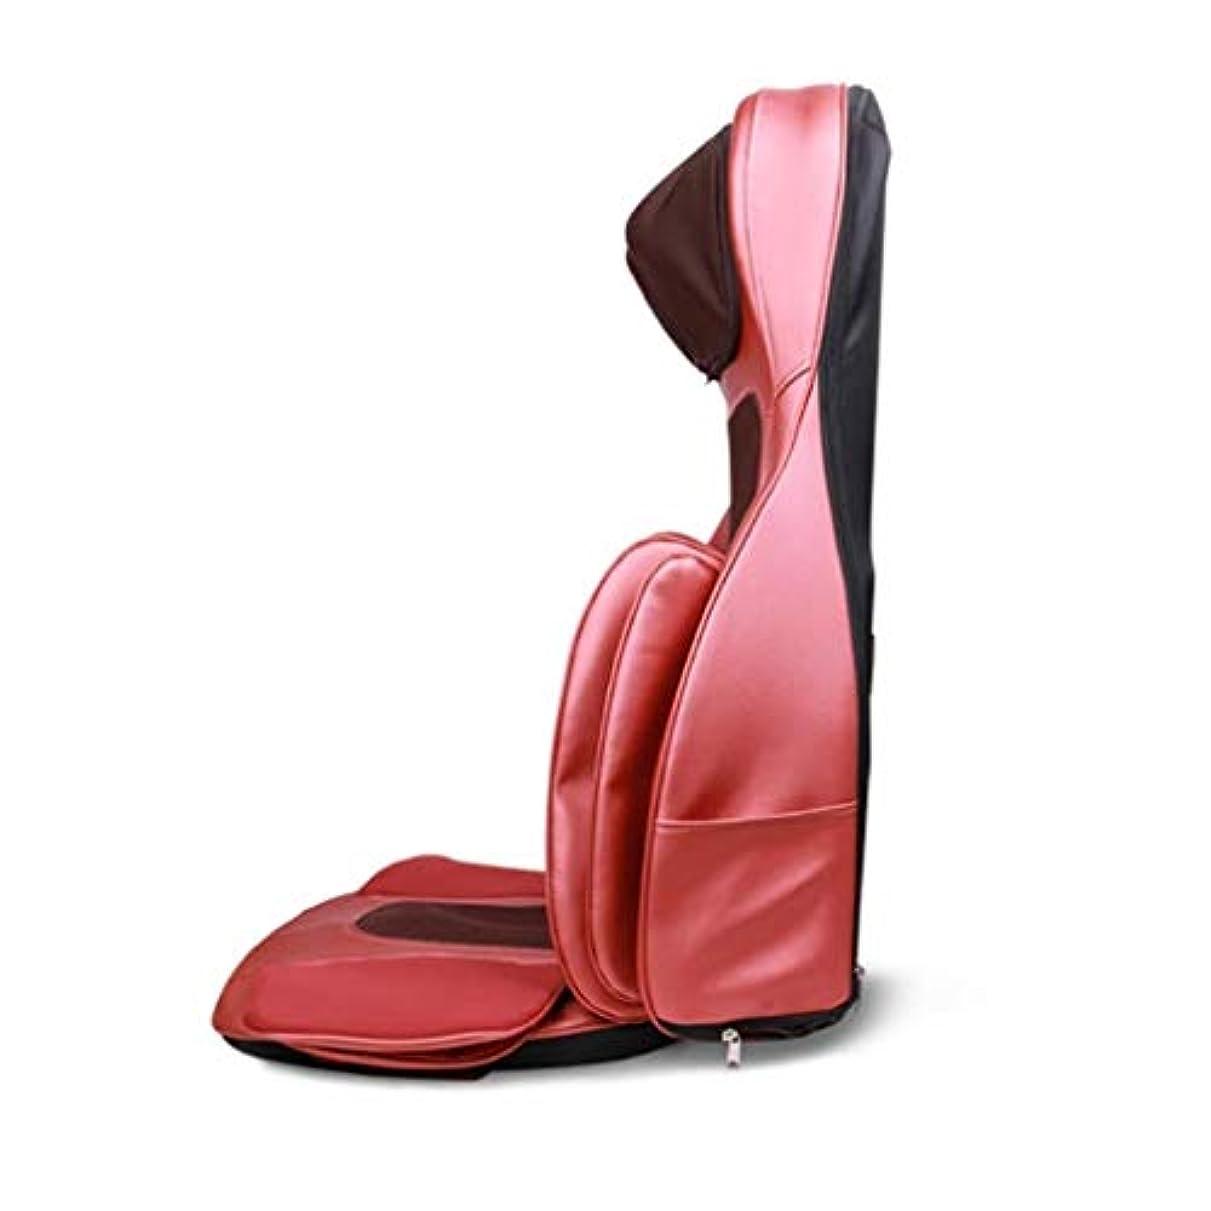 カウンタ蒸発ファックス指圧/ローリング/振動マッサージ、スージング疲労、車/オフィスや家庭のための調節可能な枕の高さを備えた電気マッサージクッション、カーマッサージシート、バック/首のマッサージ、